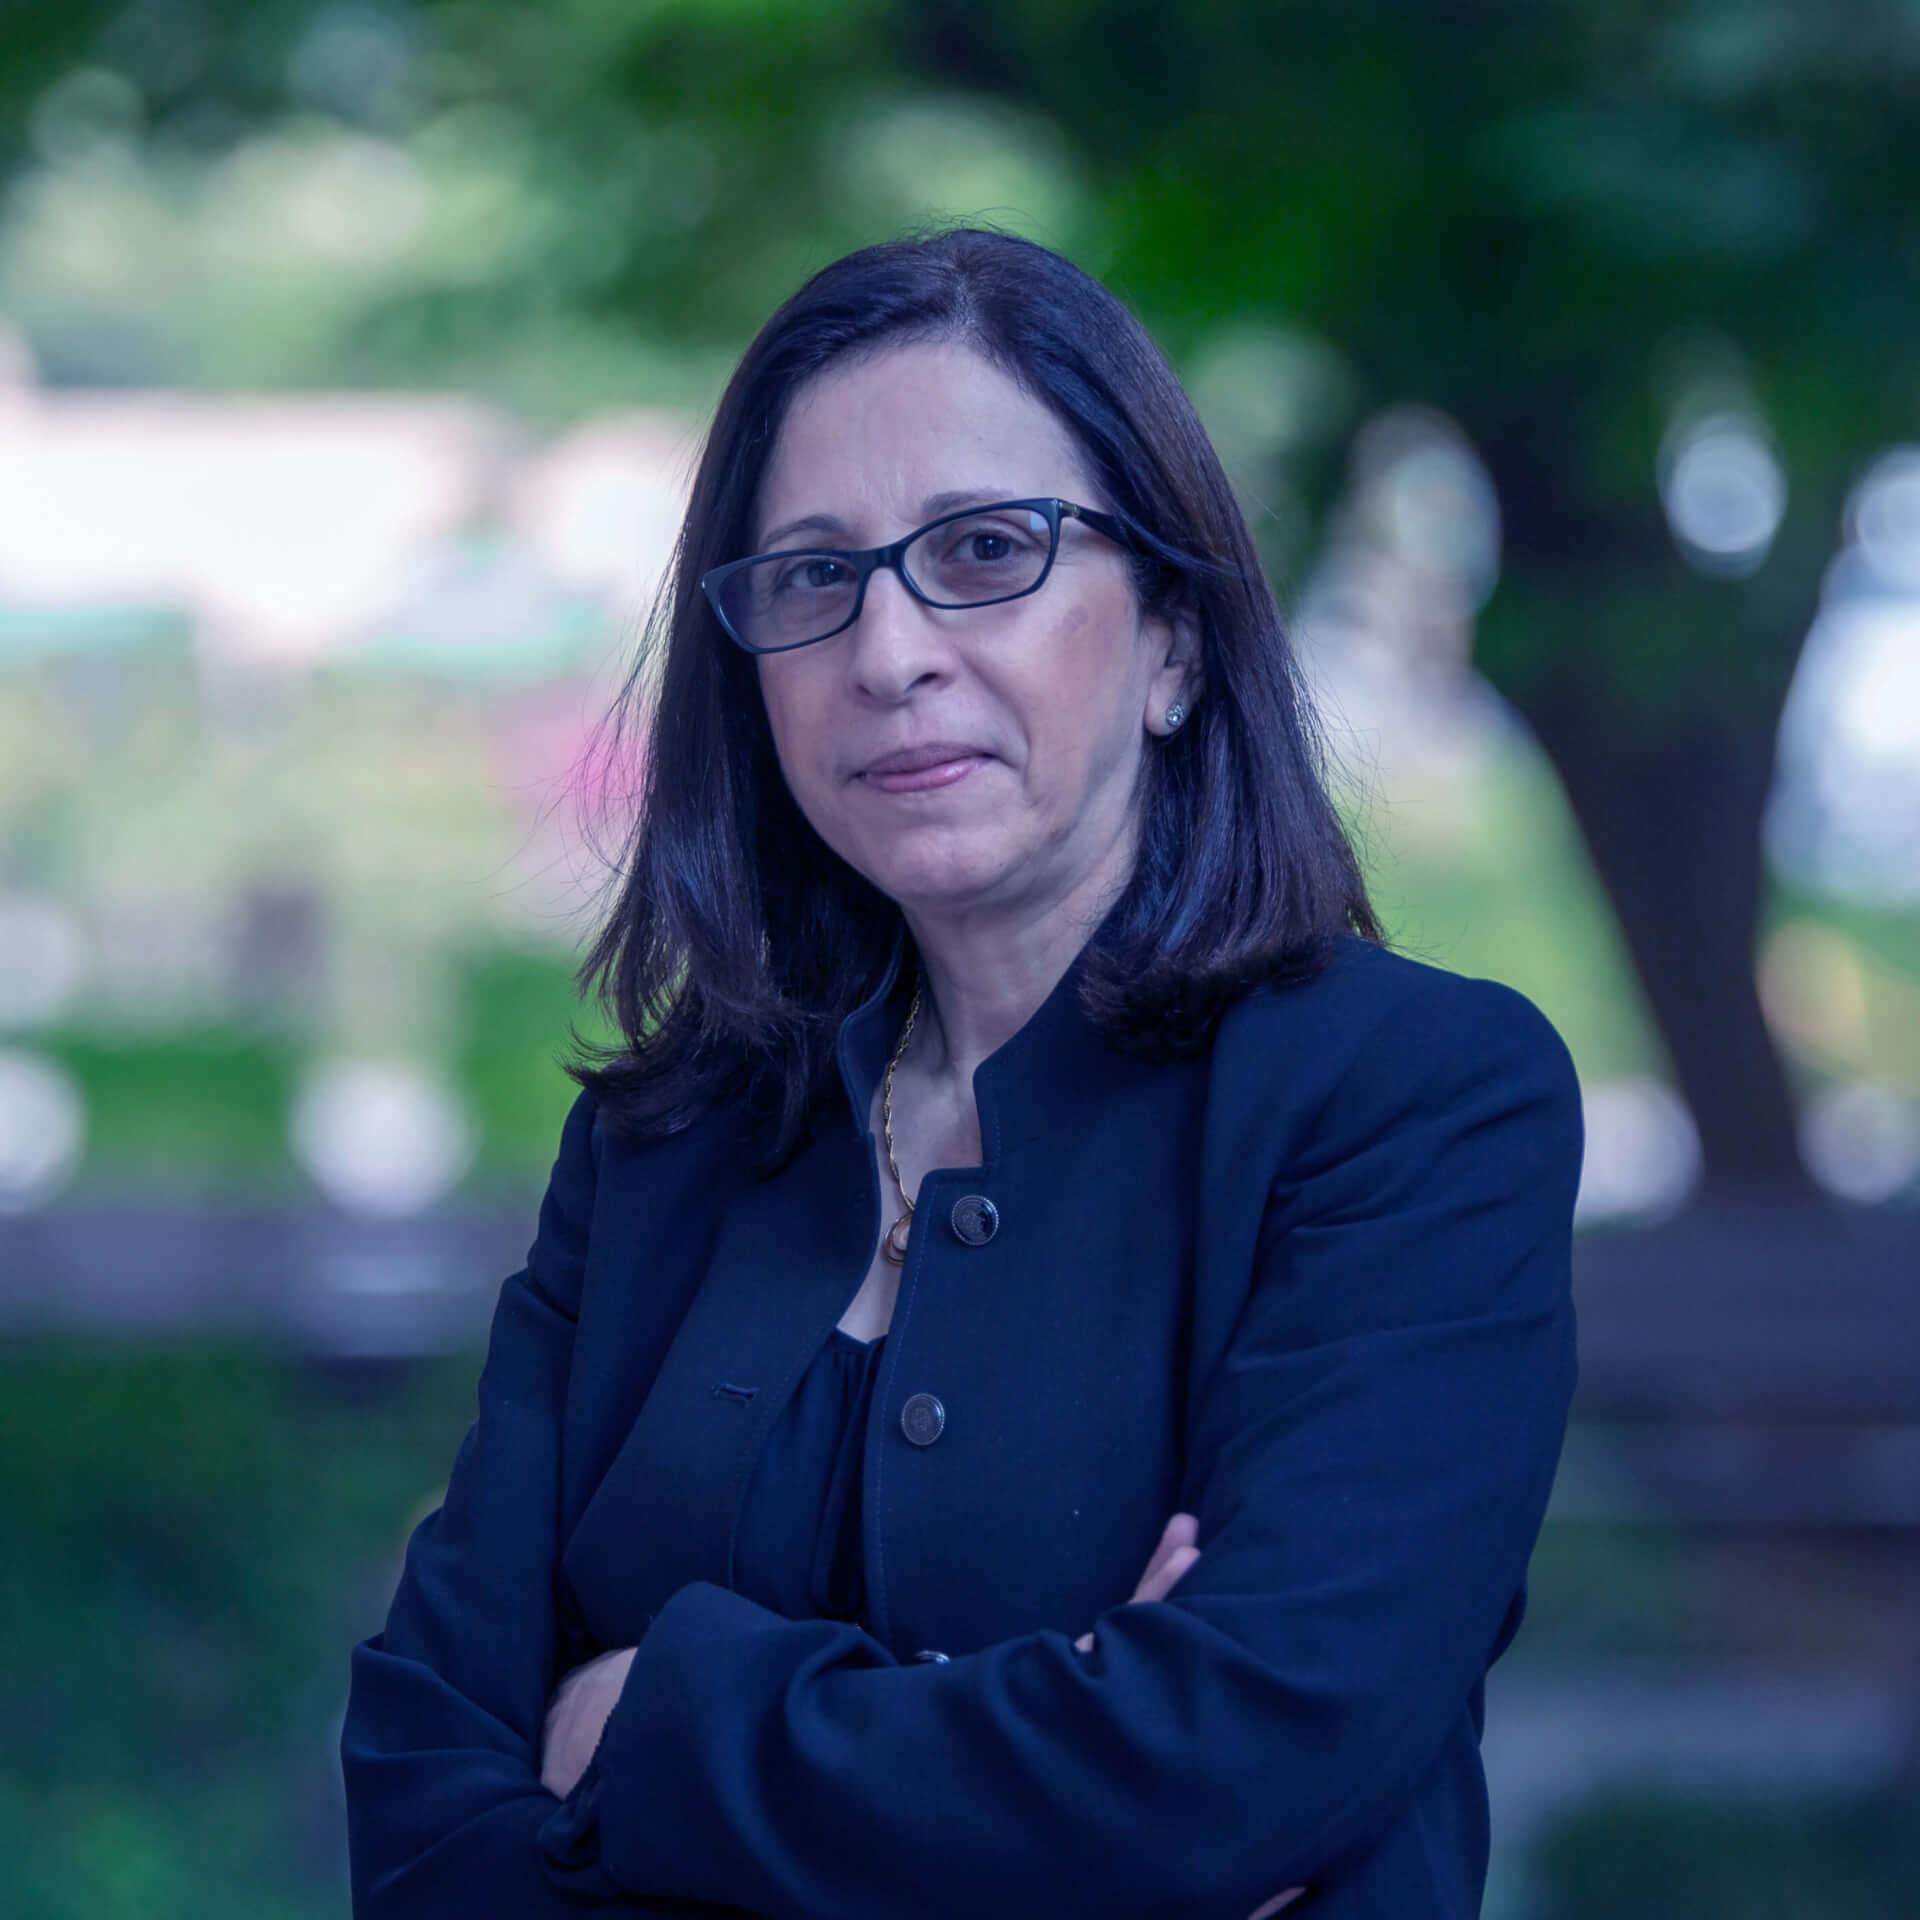 Matilda M. Jabbour